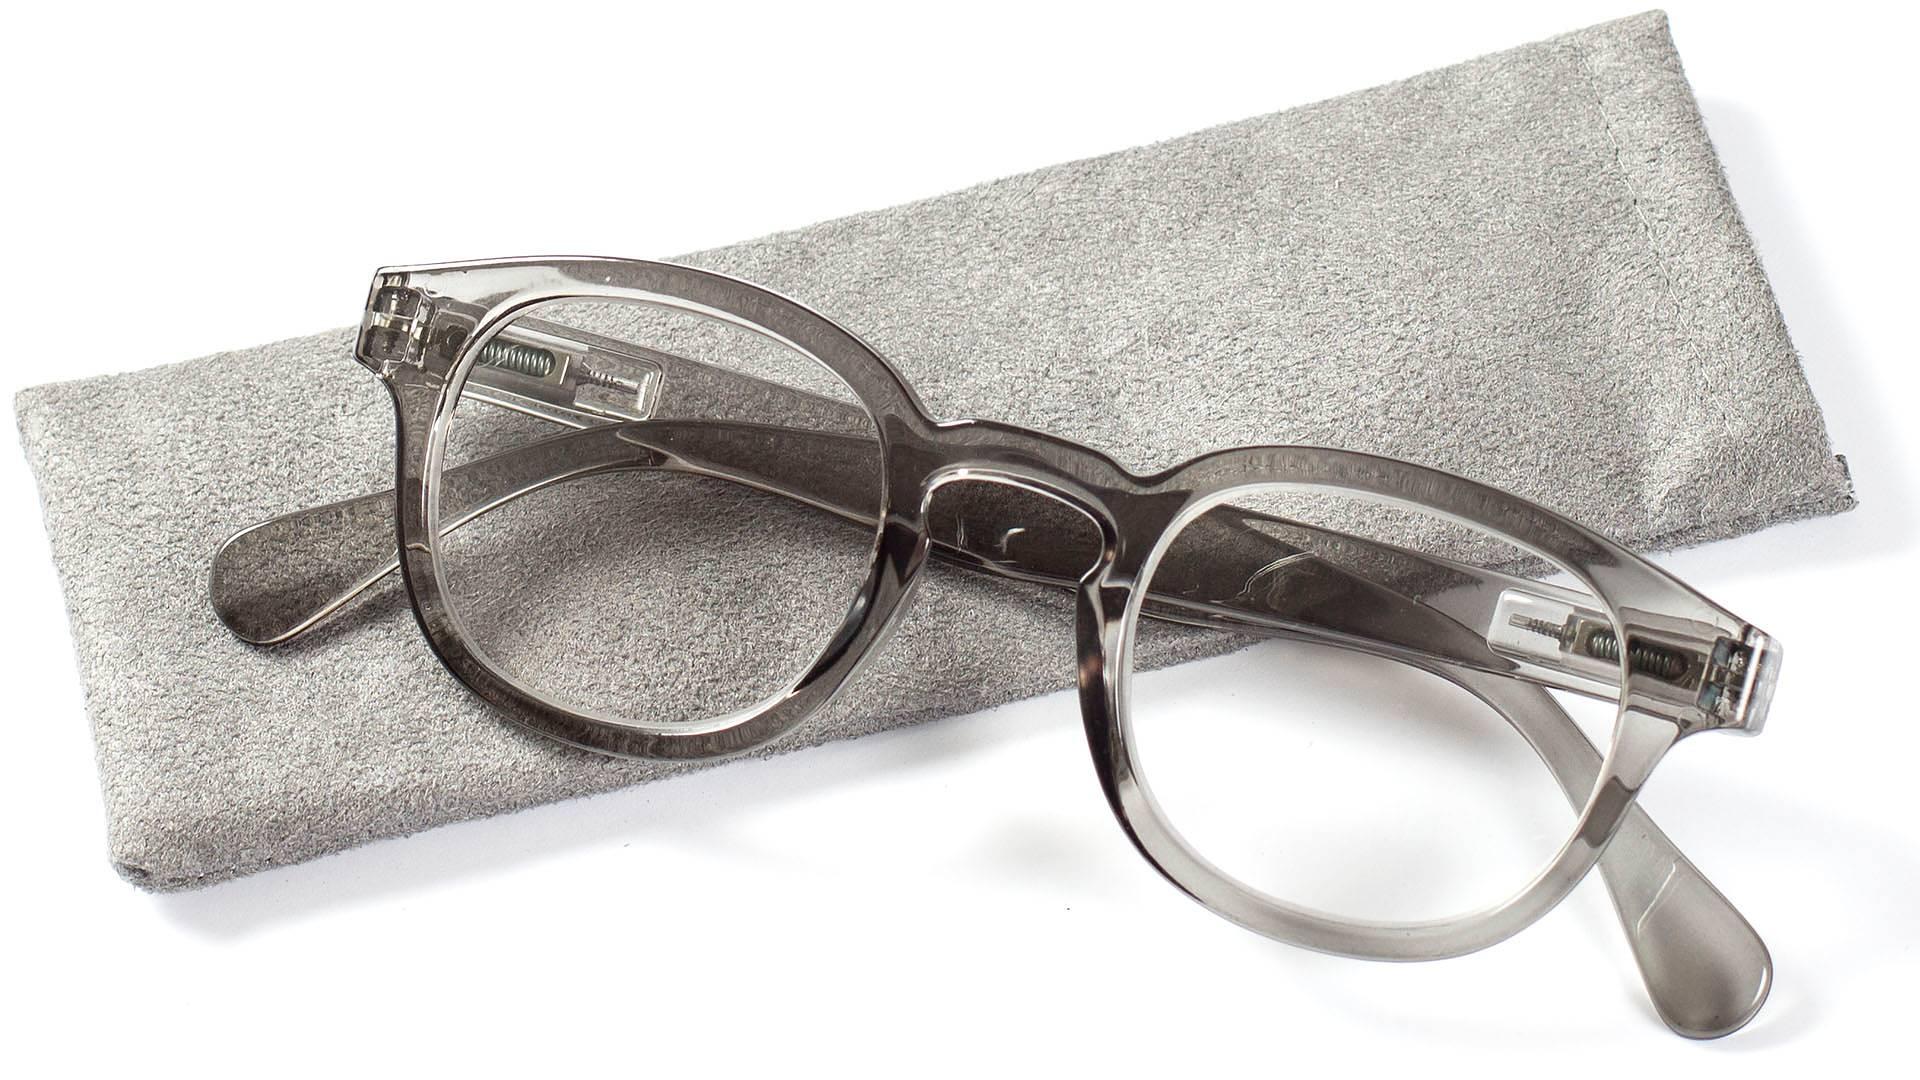 Snygga läsglasögon i retrostil med fjädrande skalm